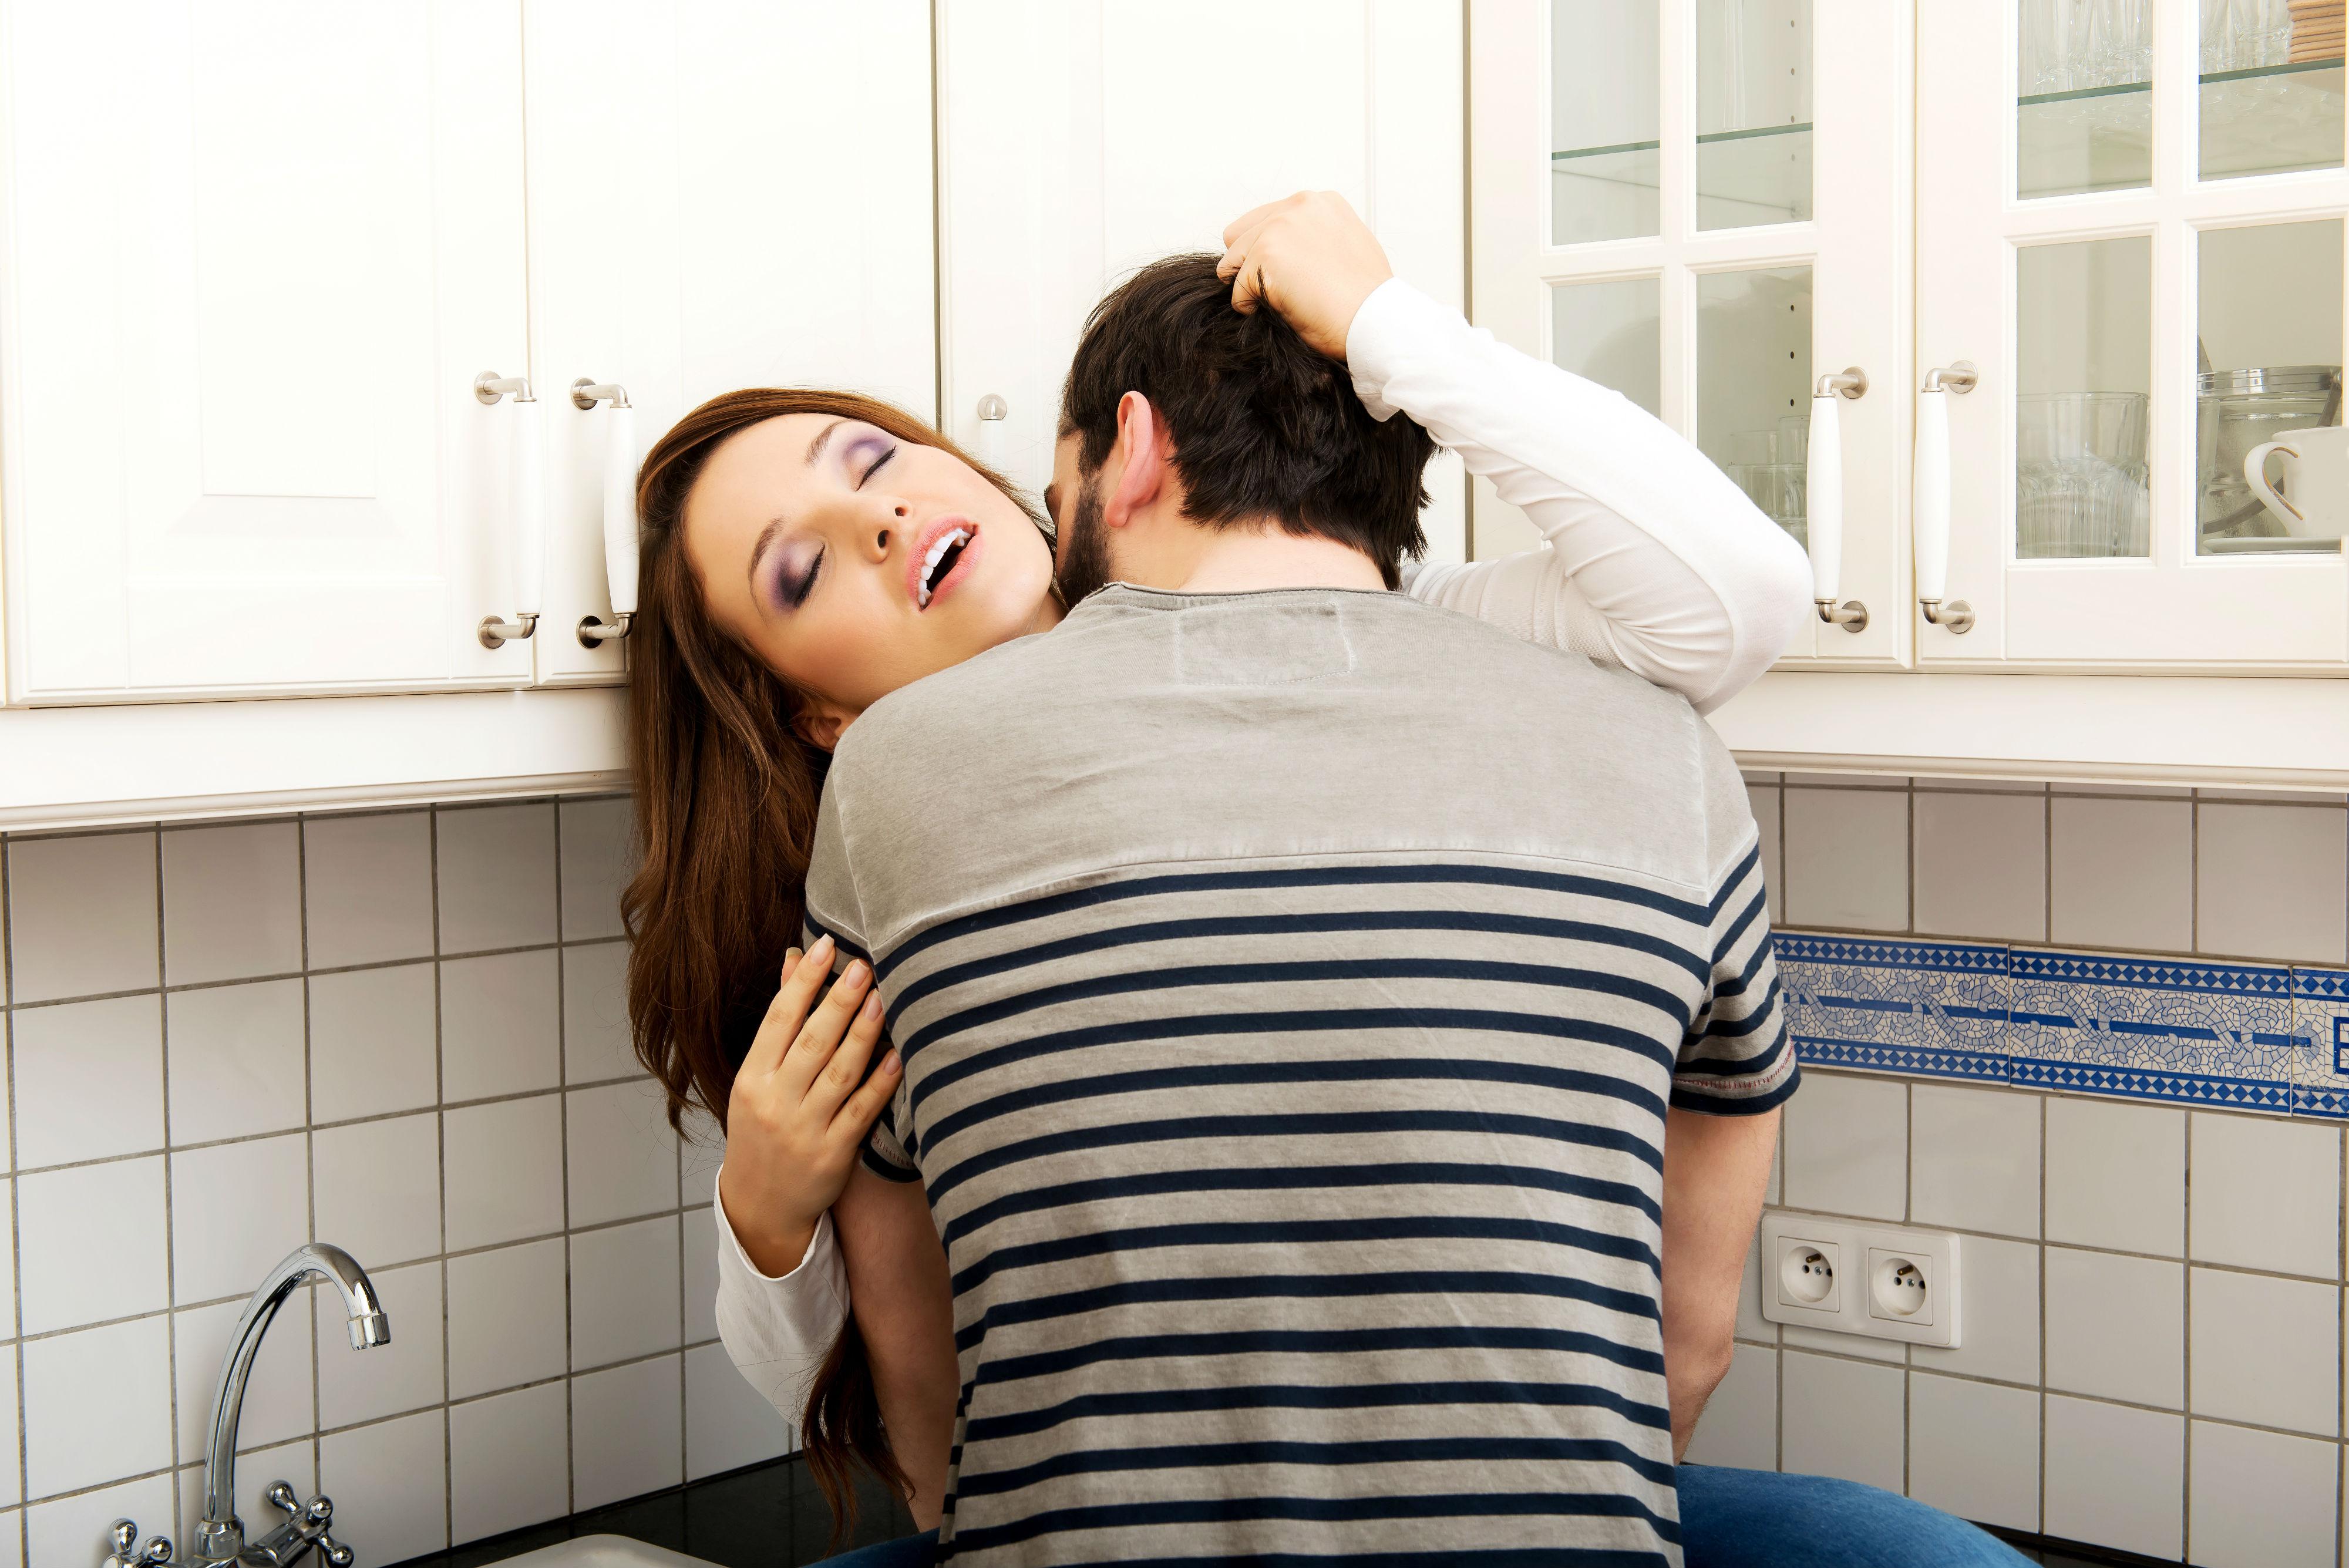 Секс на кухне в гостях, Порно на Кухне, смотреть видео Секс на Кухне 8 фотография